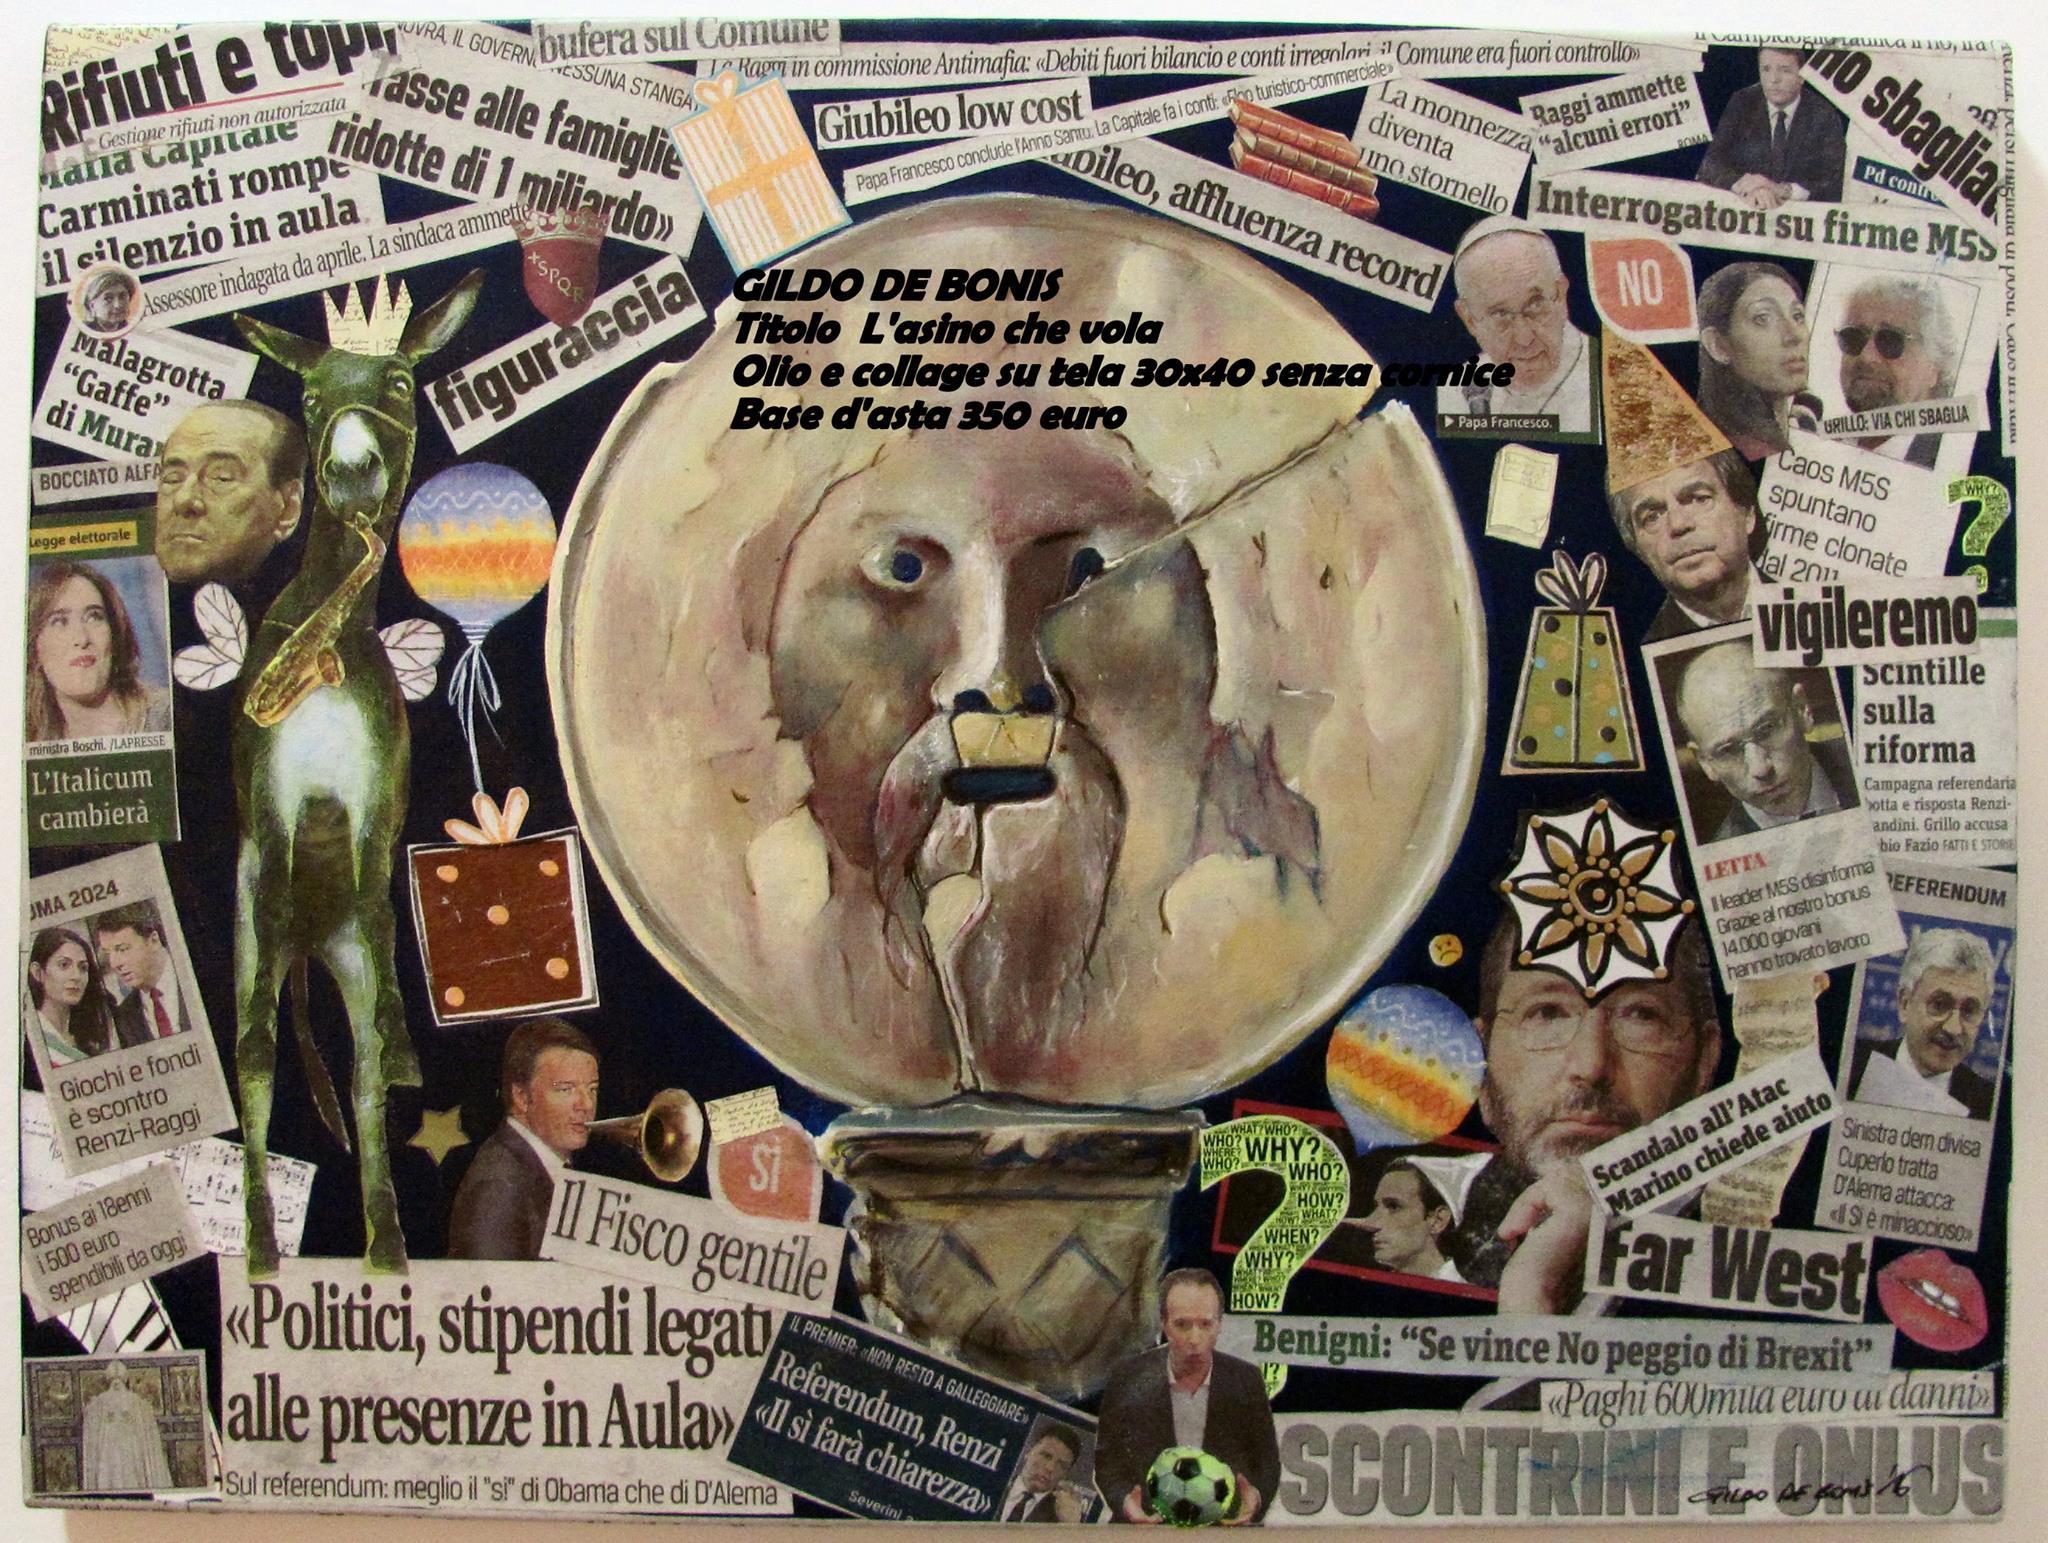 Dipinto olio e collage su tela asino che vola mediajob passione dipingere